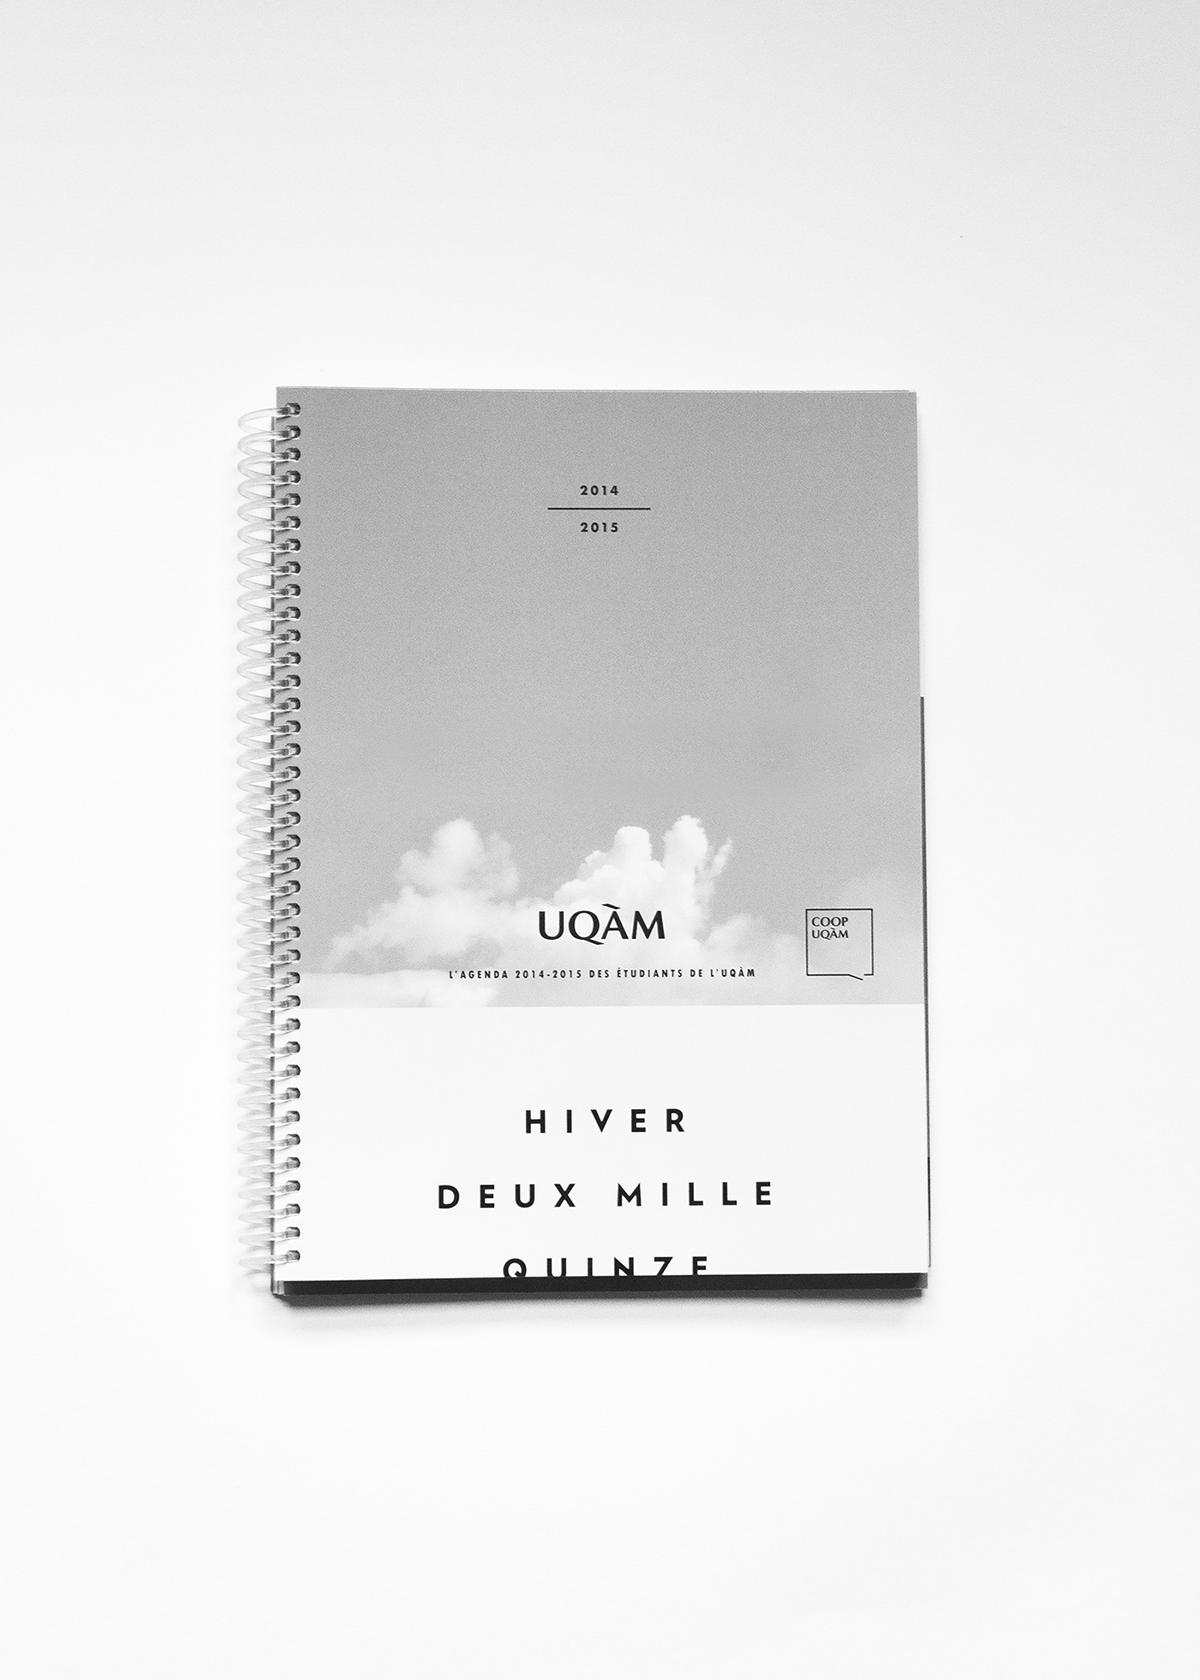 UQAM agenda hiver winter school école book cover Diary université University livre